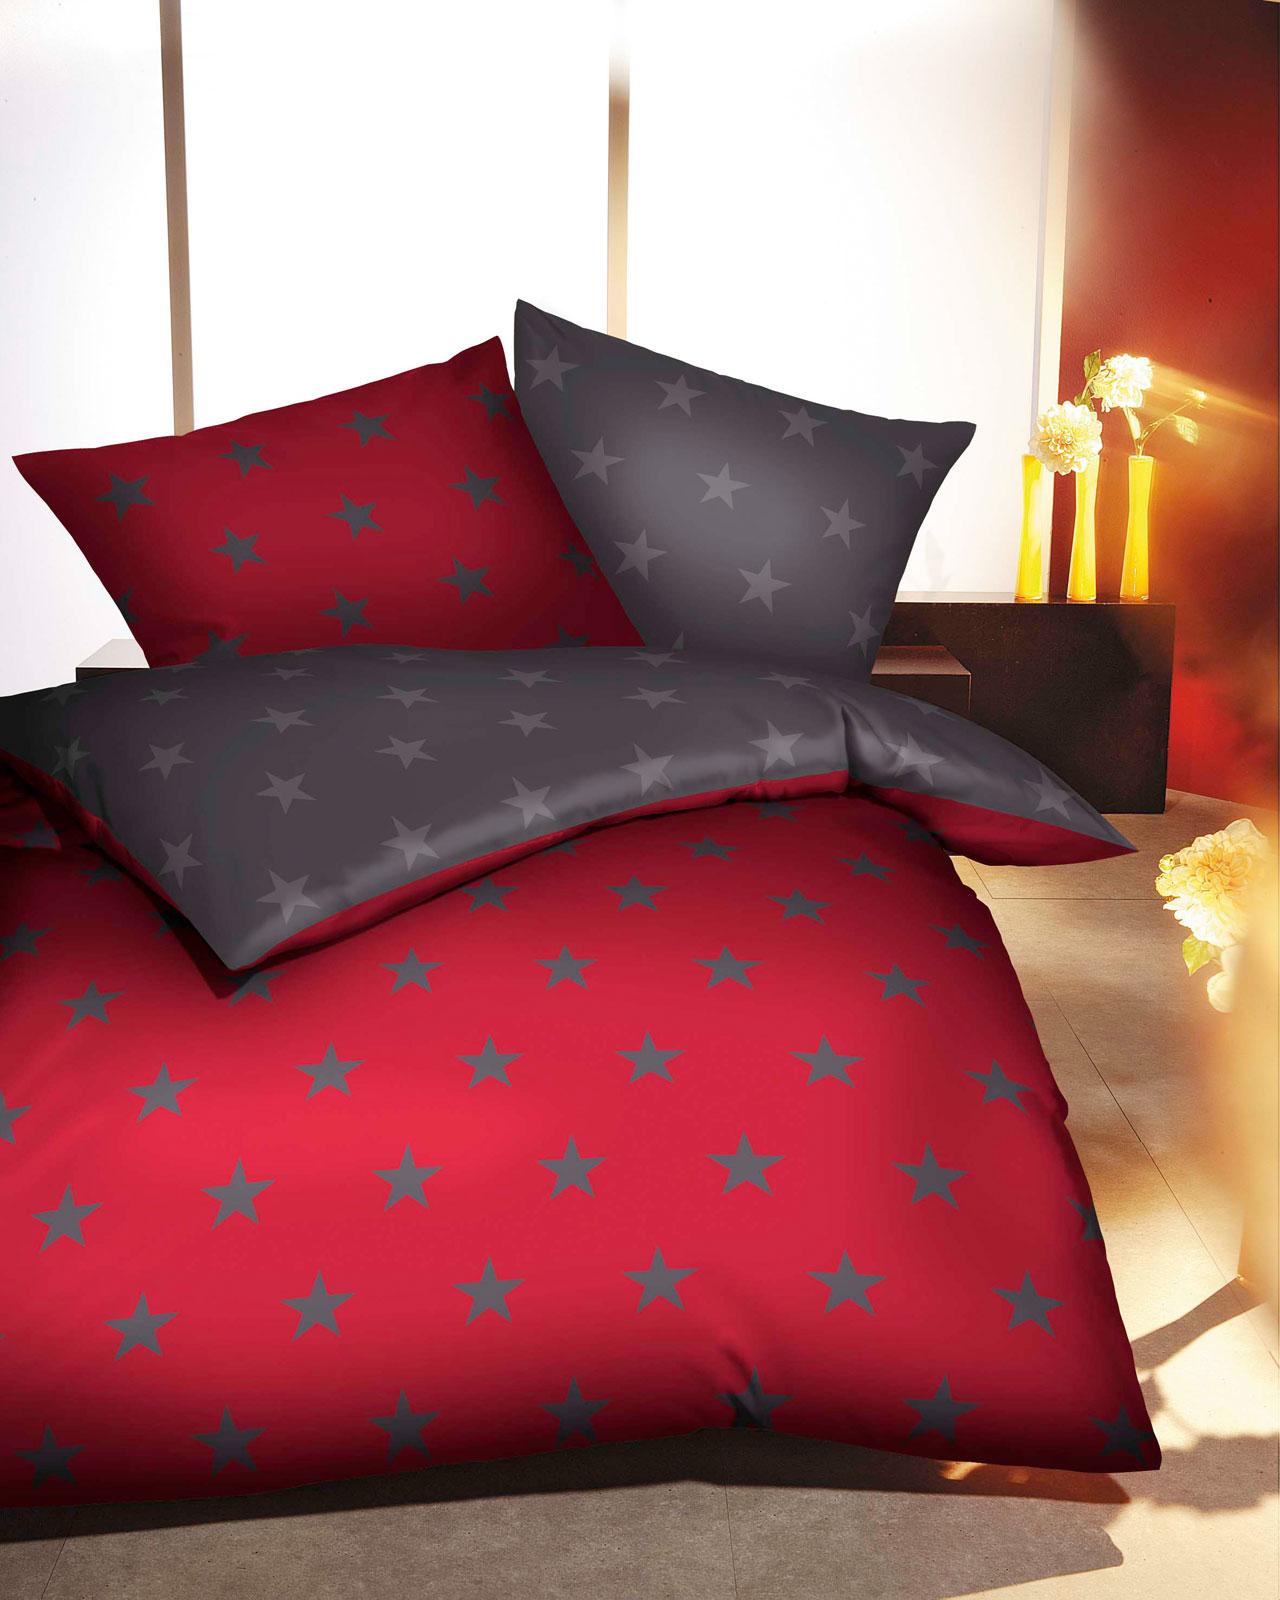 Bettwäsche - Kaeppel Mako Satin Bettwäsche 155x220 327 642 Sterne rubin  - Onlineshop PremiumShop321